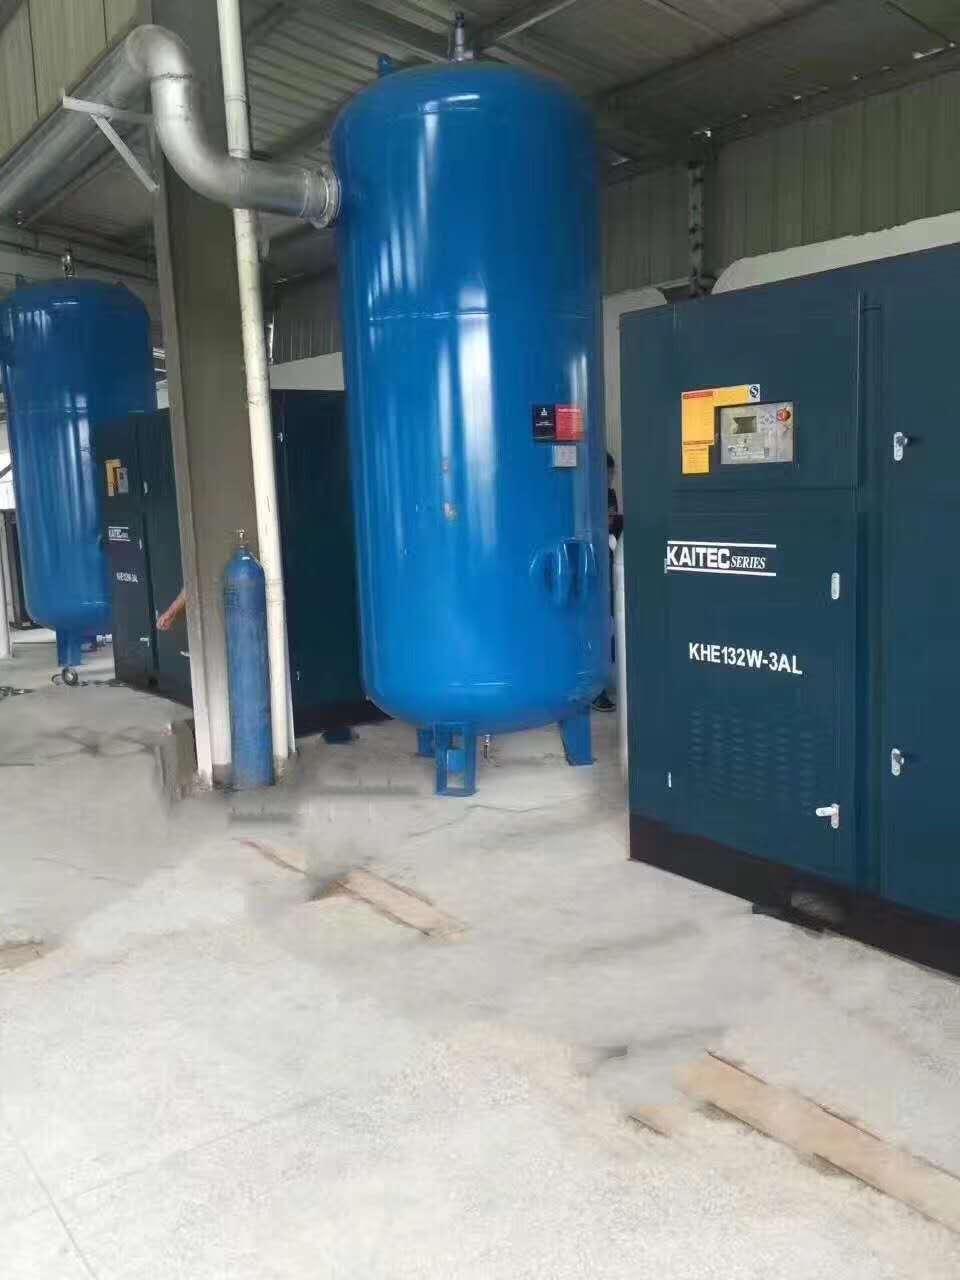 空压机排出的压缩空气中为什么会有水呢?